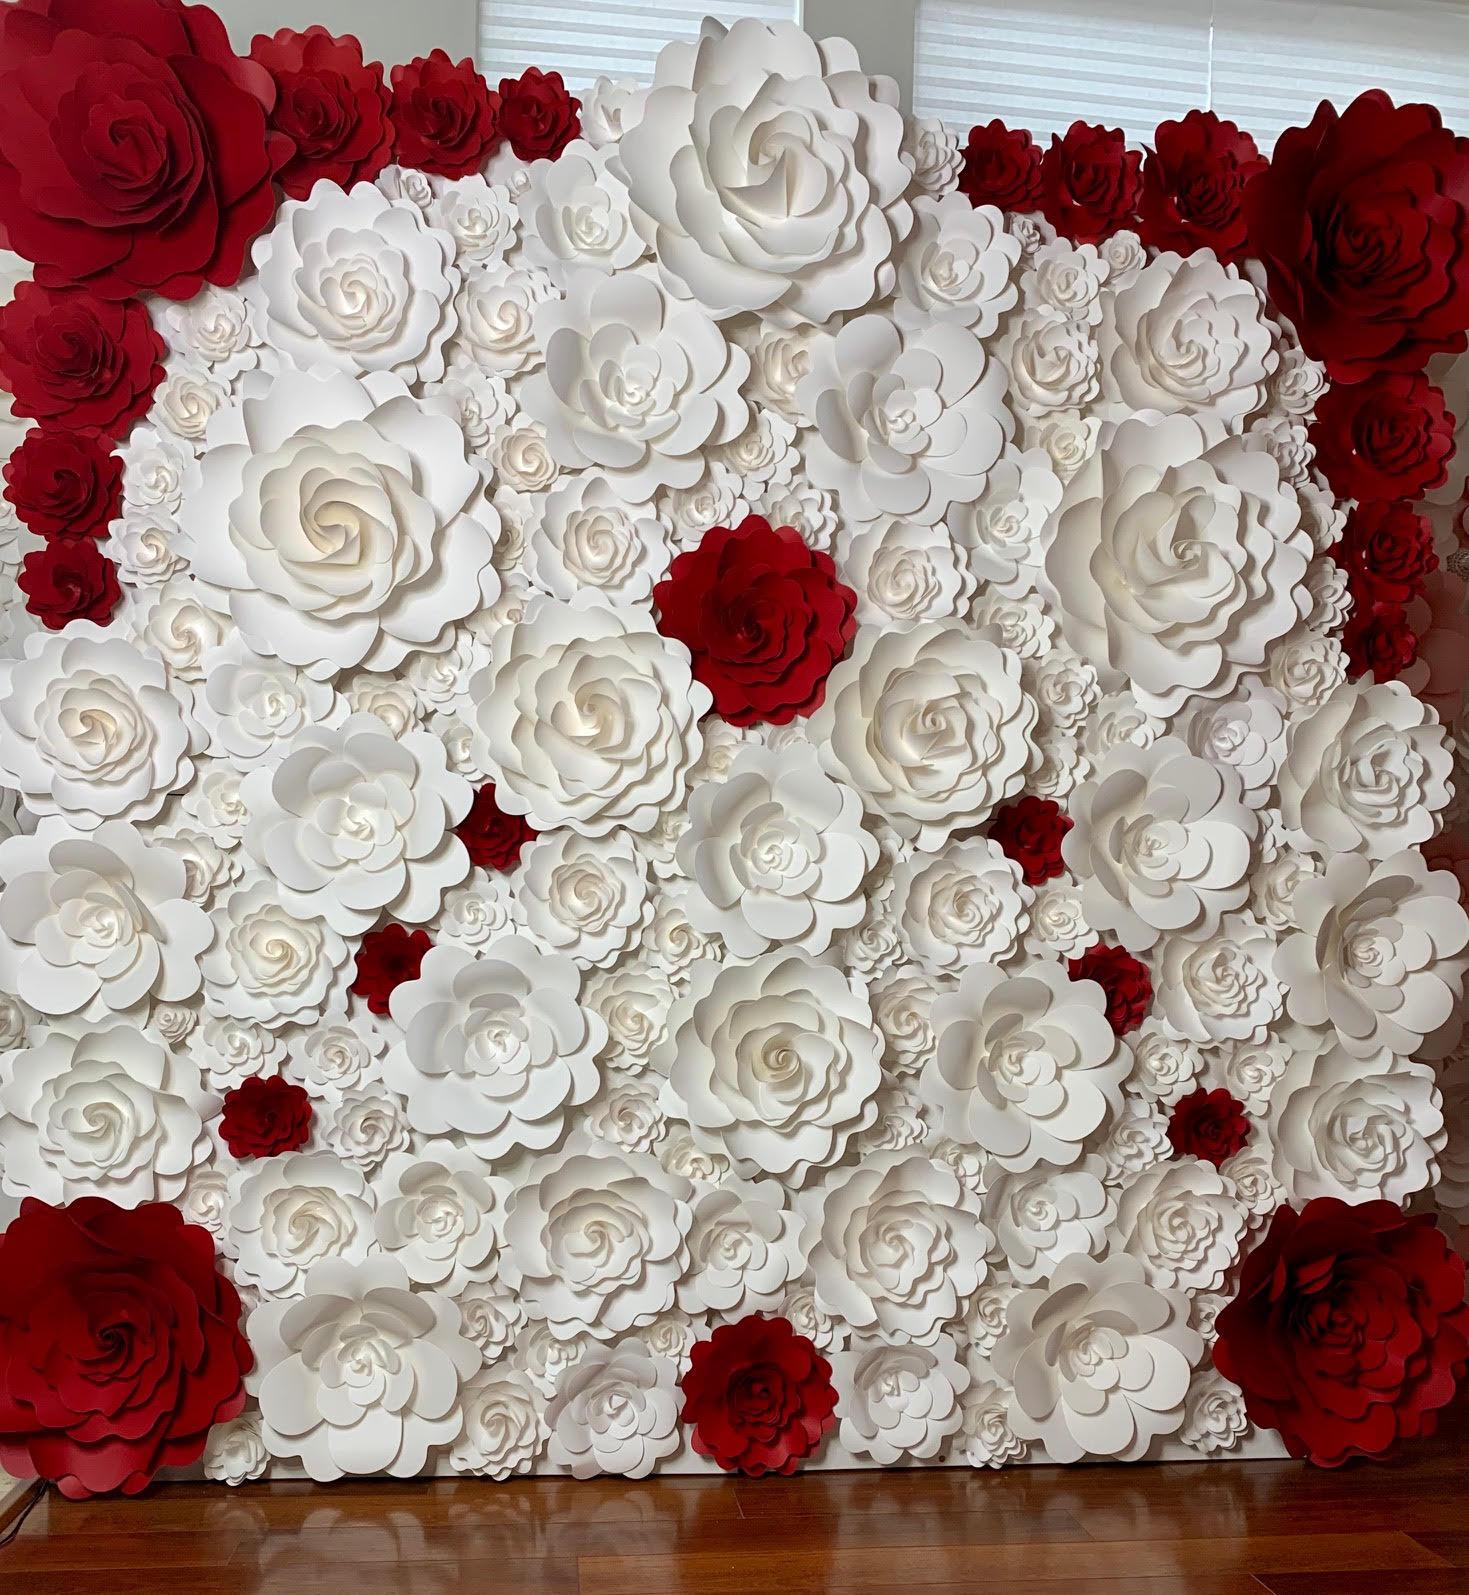 Trade Show Floral Wall White Red 68 Mahi Rehan